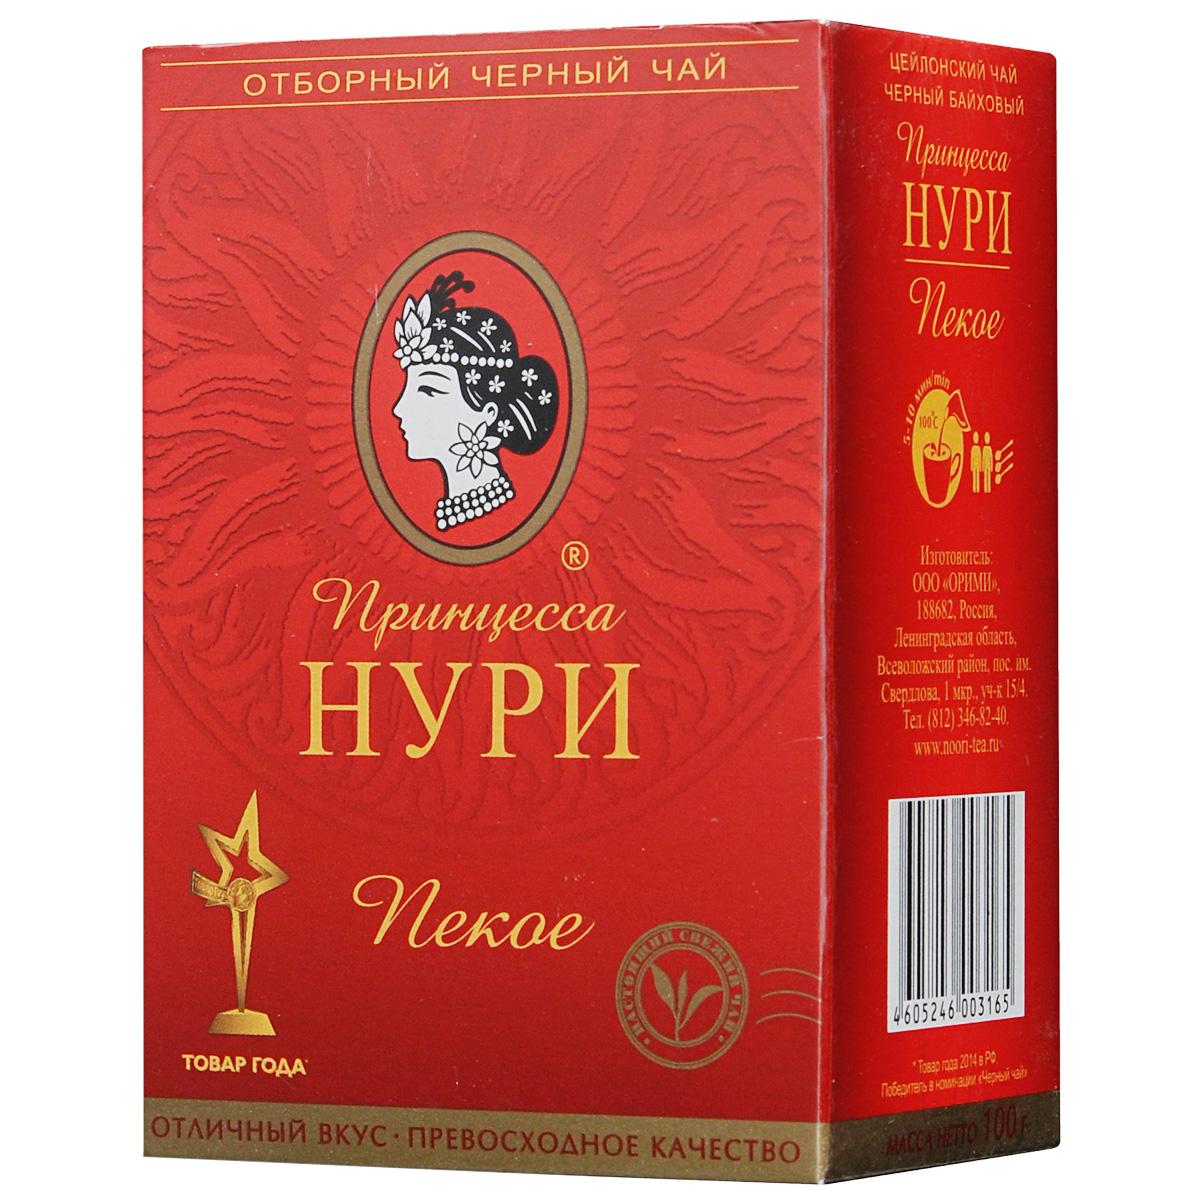 Принцесса Нури Пекое черный листовой чай, 100 г0316-60Принцесса Нури Пекое - цейлонский крупнолистовой черный чай стандарта Pekoe. При создании этого красивого чая листики чайного куста скручиваются не вдоль, как обычно, а поперек. После такой обработки чай лучше сохраняет свой вкус, но подвергать ей можно не все листья, а только самые молодые и нежные - то есть самые сочные. Чай отличается насыщенным благородным вкусом, крепостью, нежным ароматом и красивым ярким настоем.Всё о чае: сорта, факты, советы по выбору и употреблению. Статья OZON Гид